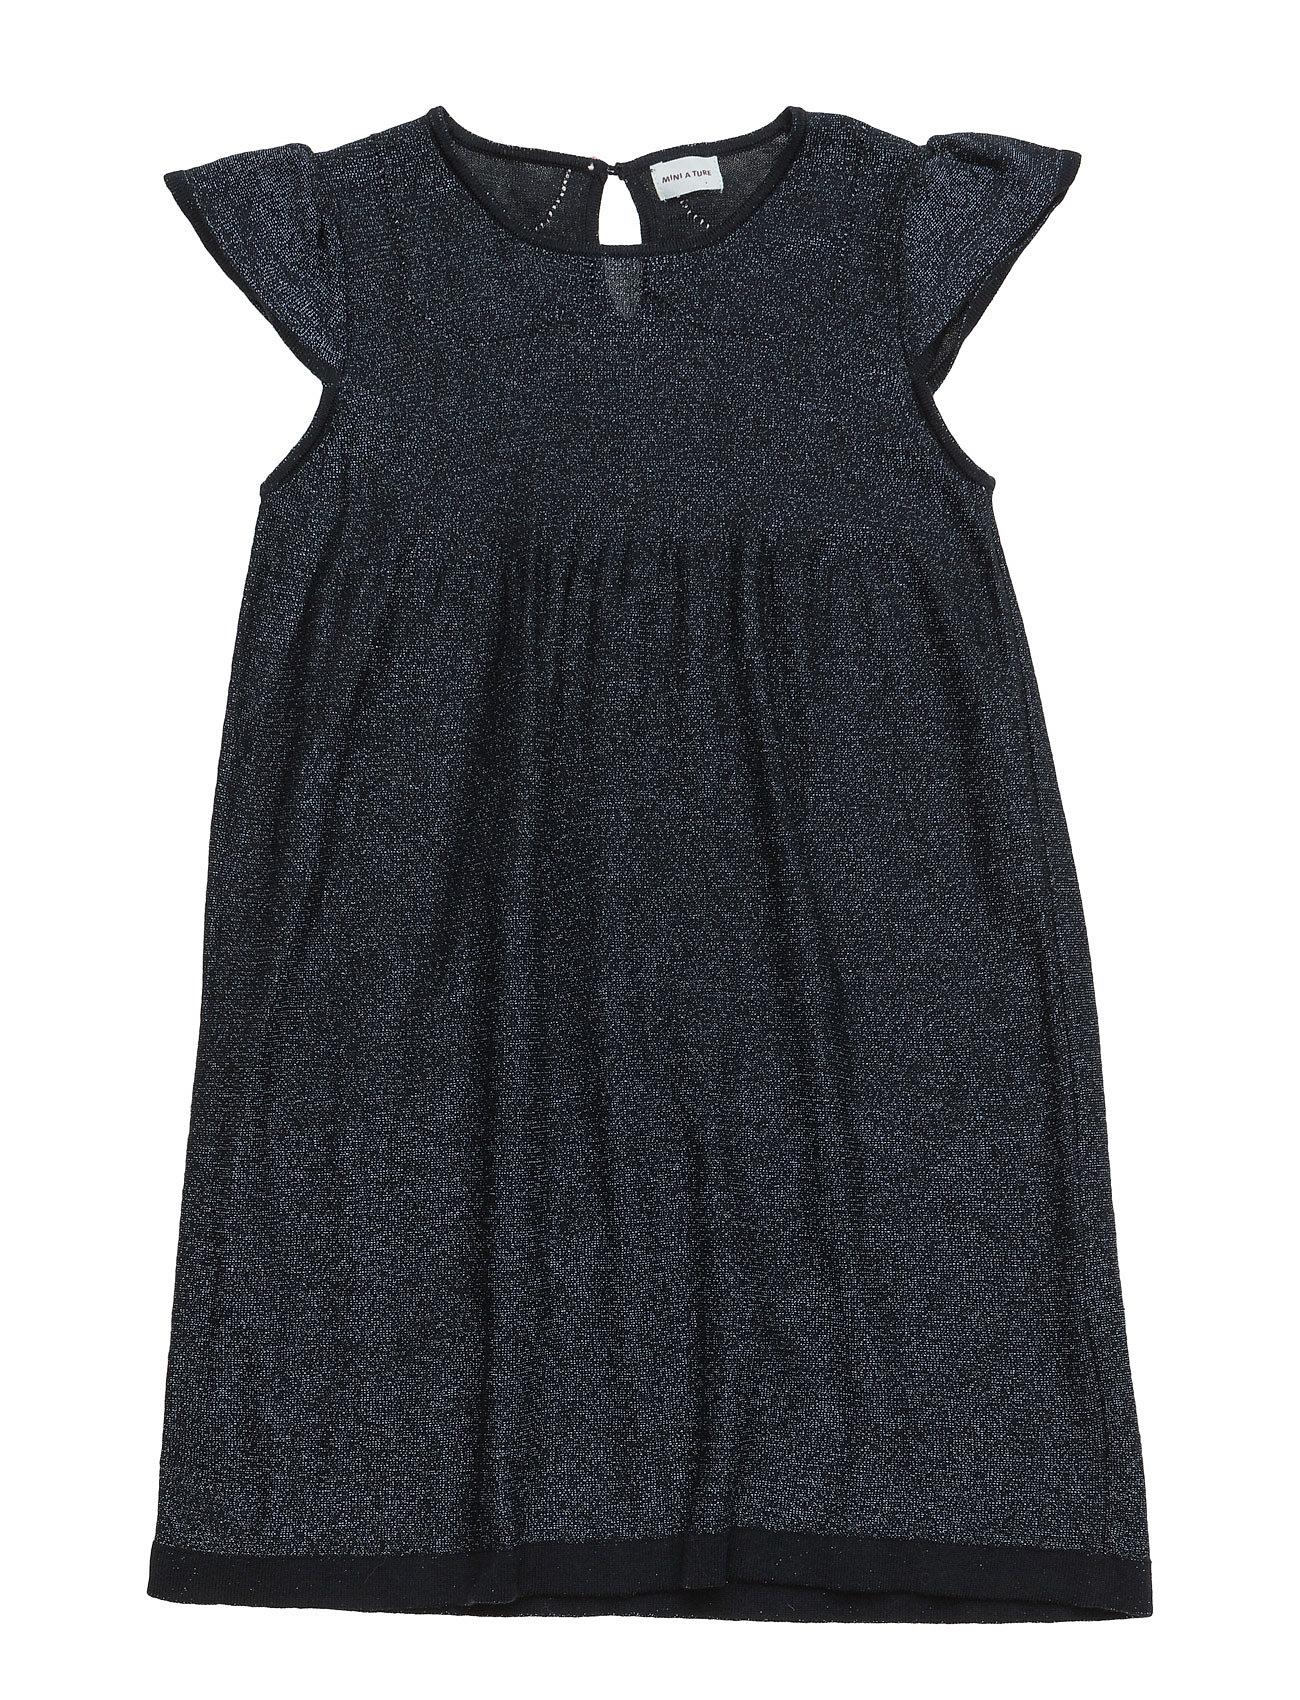 Mini A Ture Viva, BM Dress SS - SKY CAPTAIN BLUE